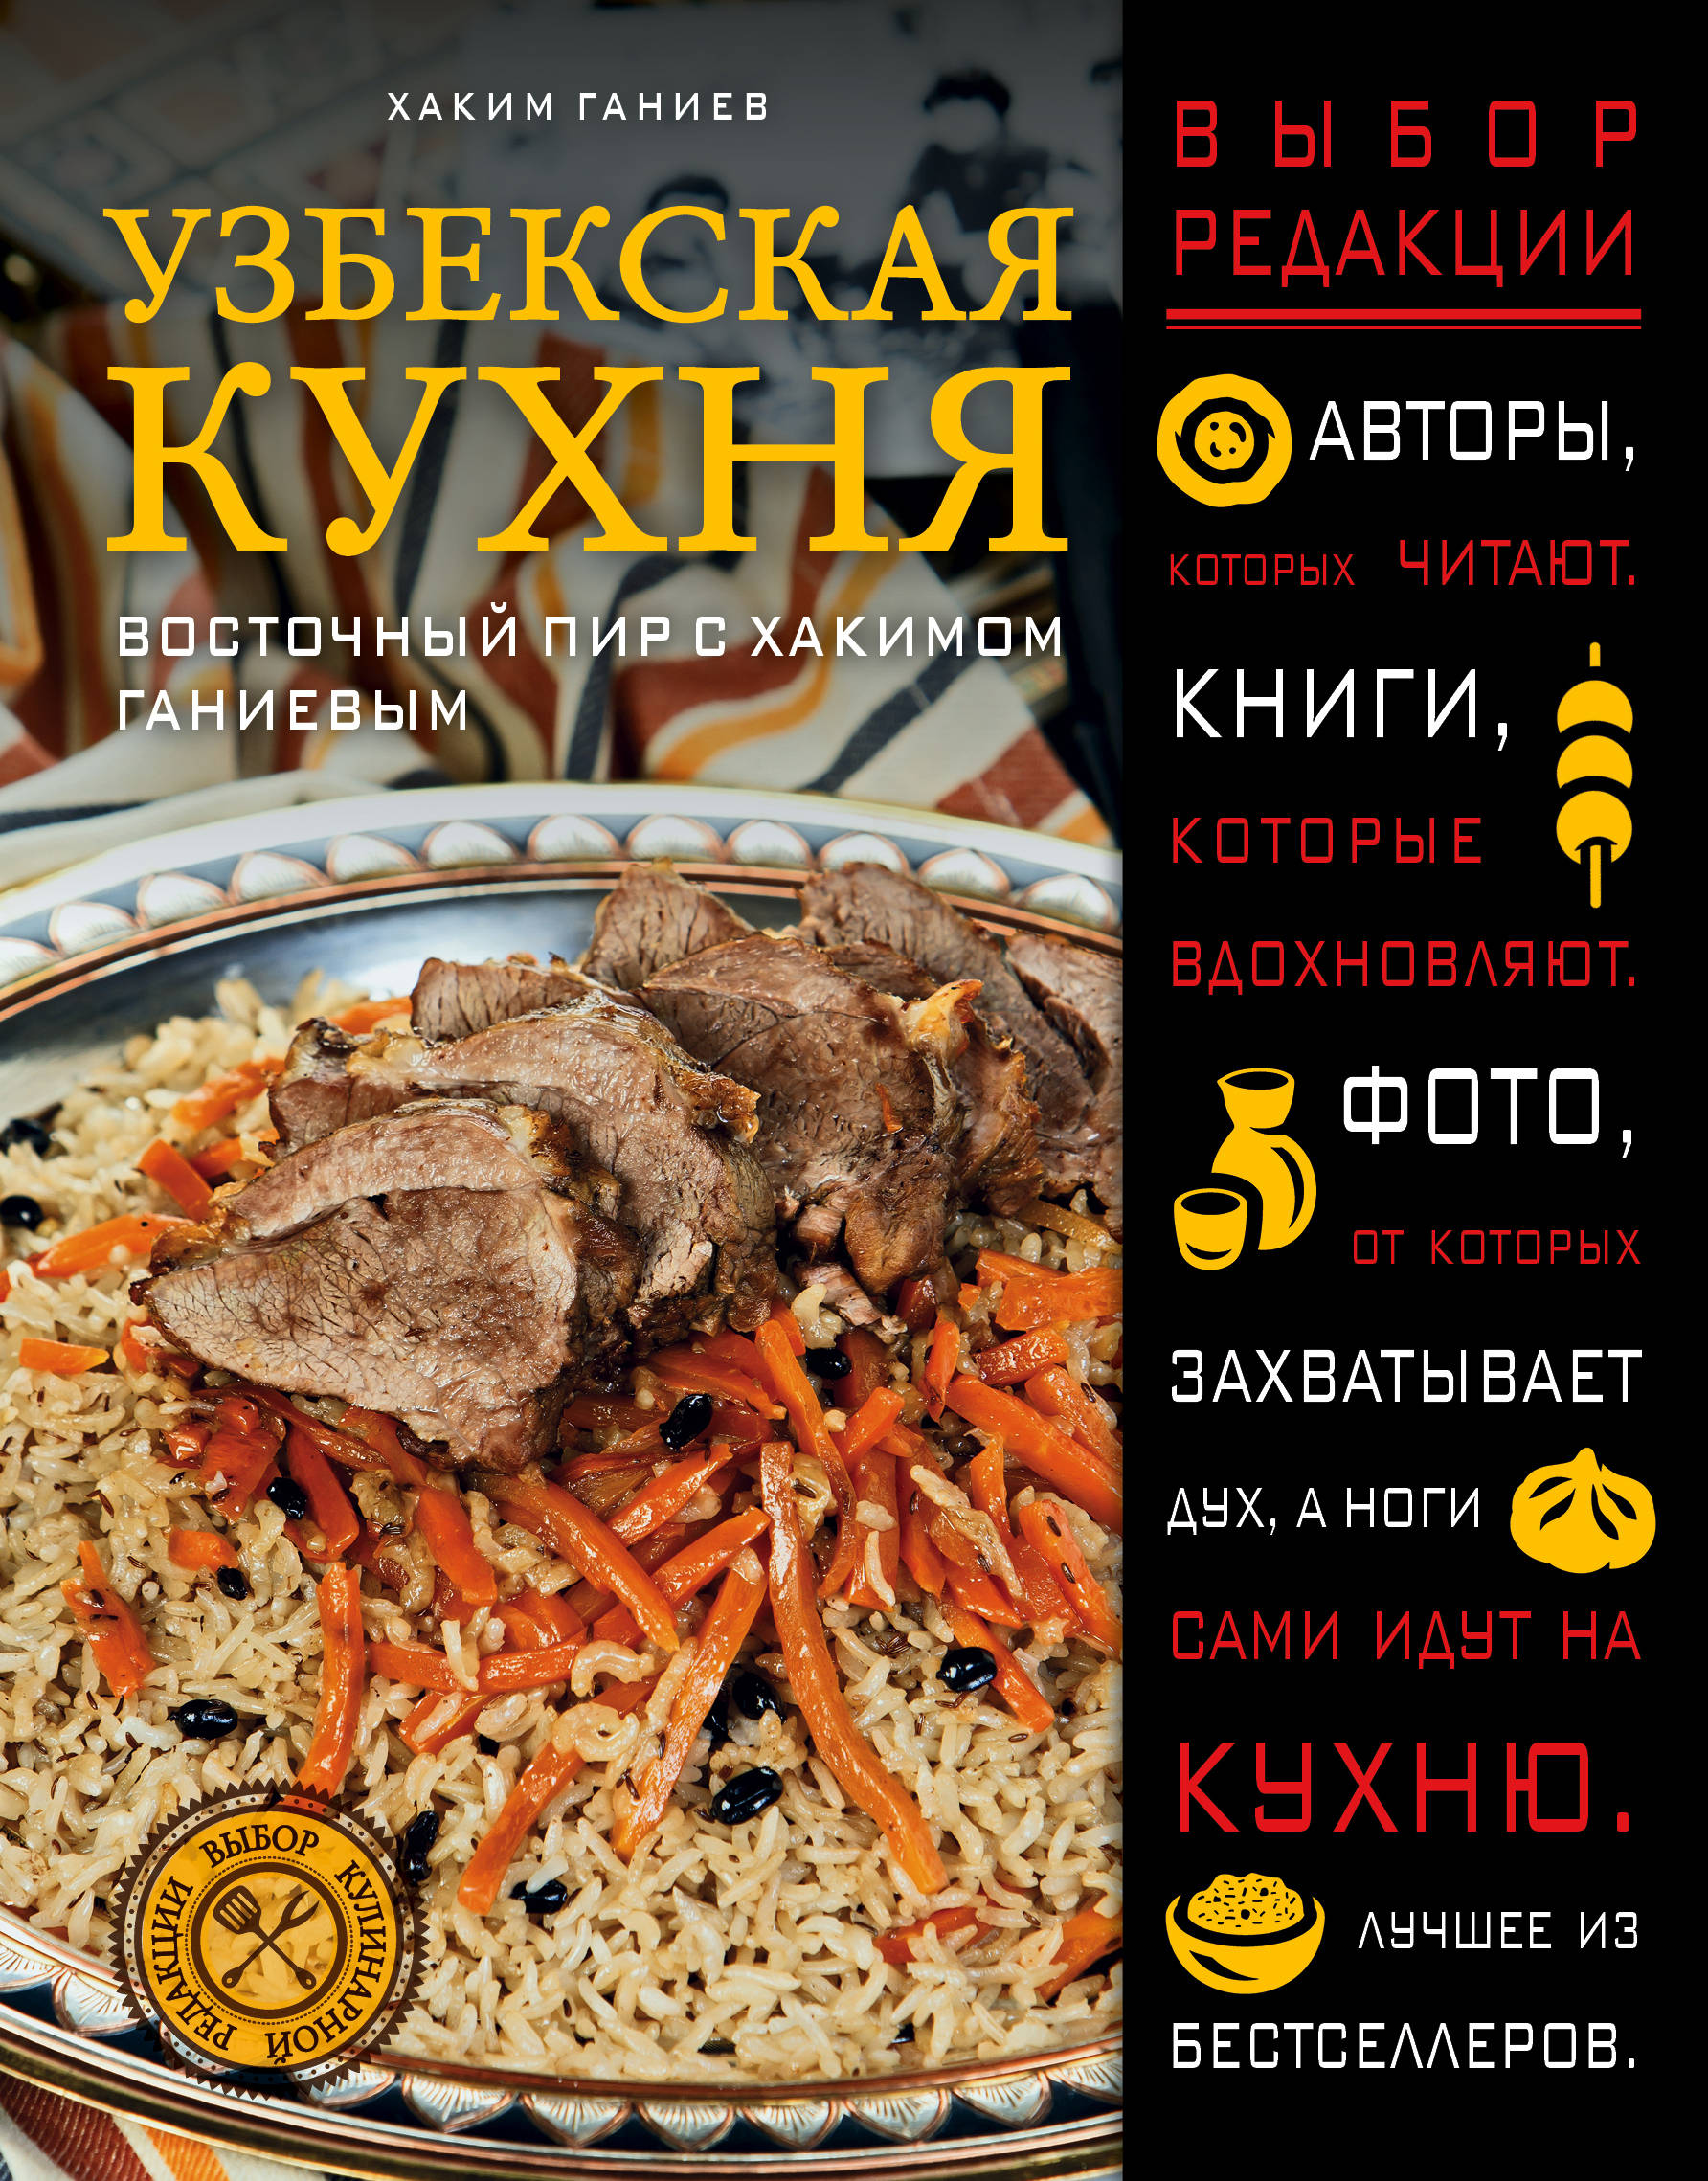 Хаким Ганиев Узбекская кухня. Восточный пир с Хакимом Ганиевым цена 2017